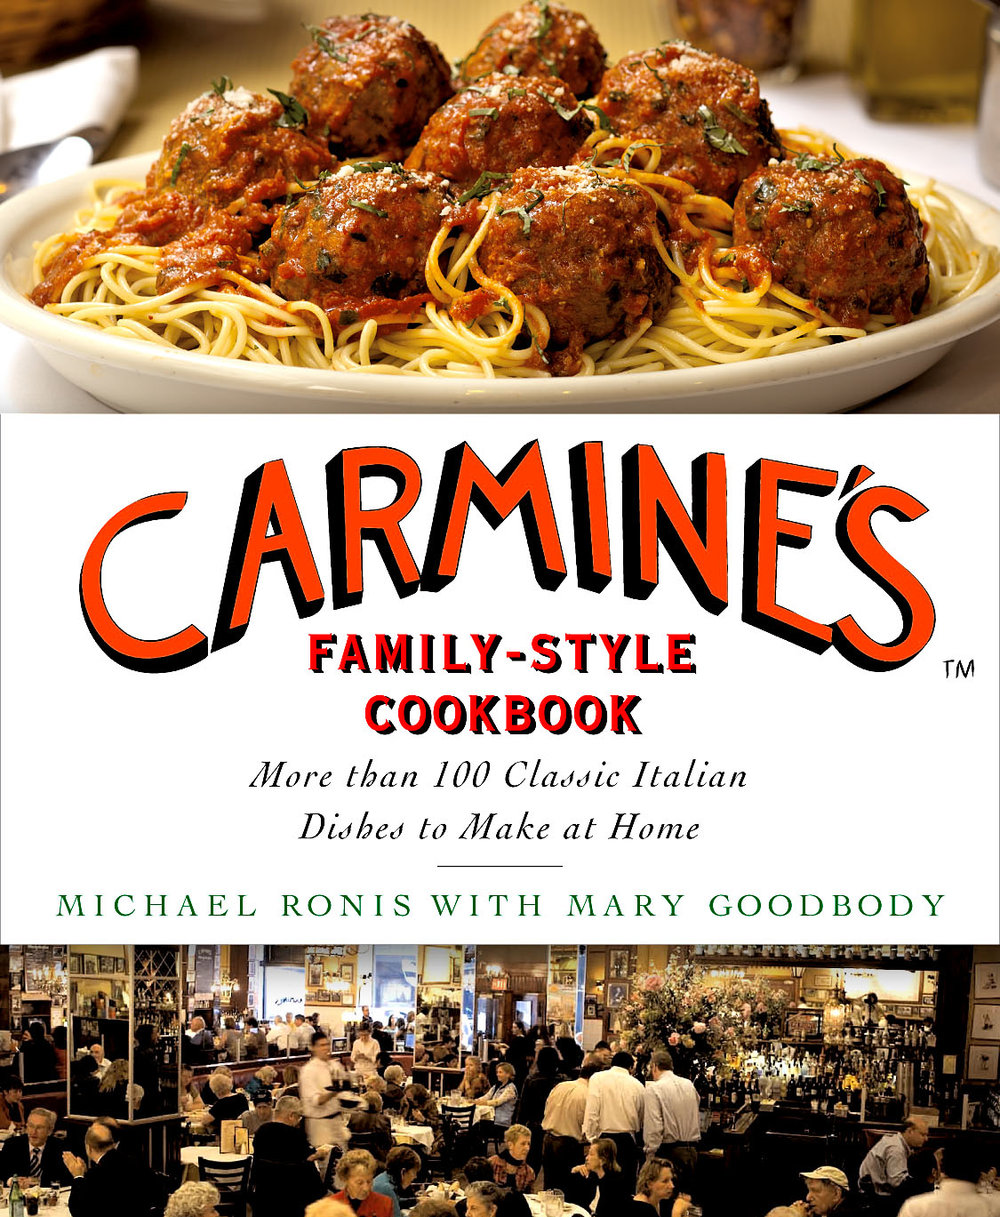 carmine's.jpg